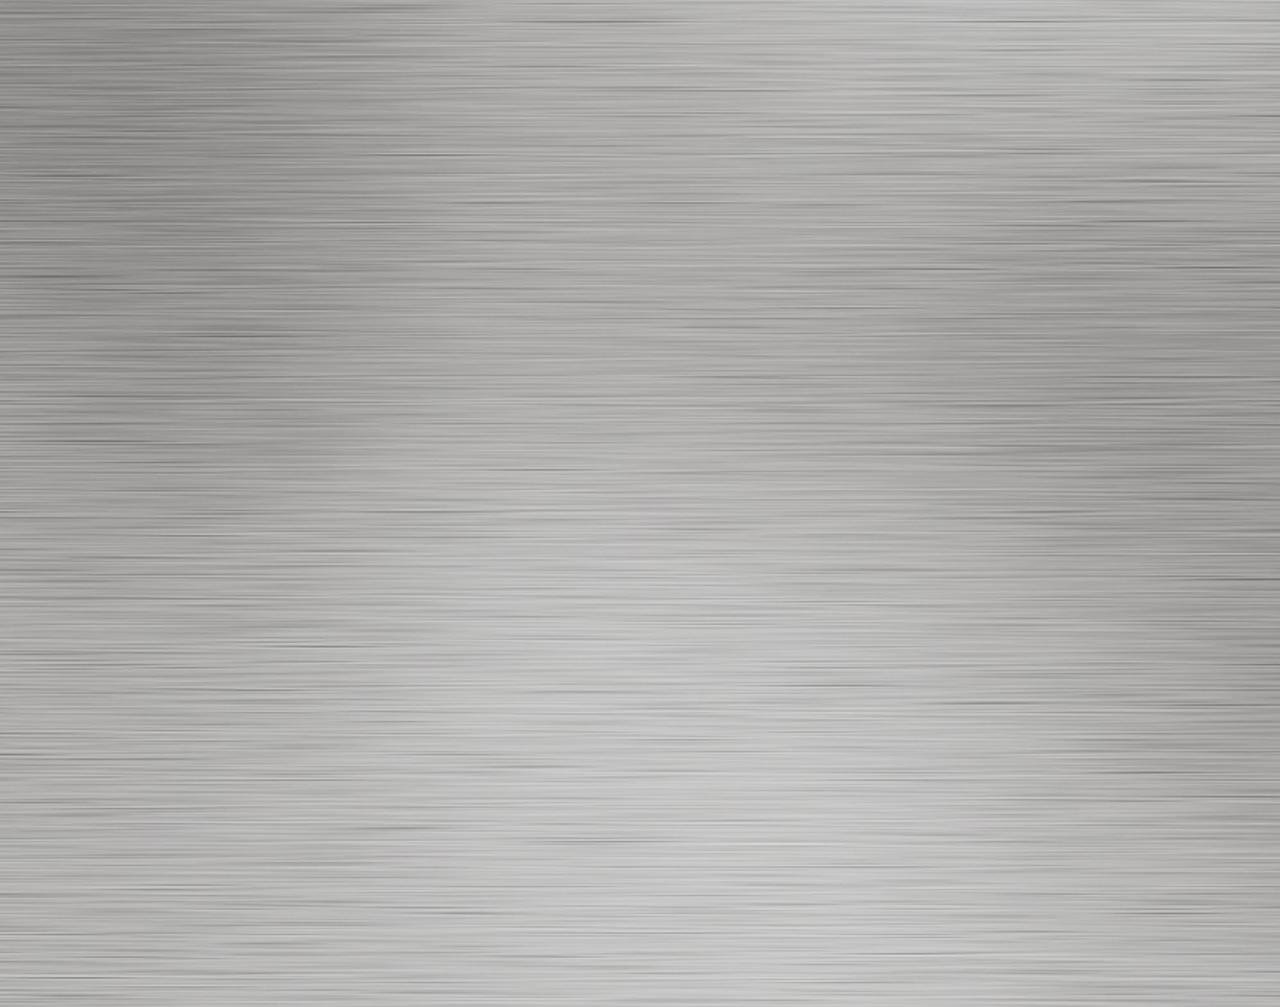 Background 1 Jpg Aneka Sirwal Celana Pangsi Baju Koko Gamis Pakistan Ikhwan Jubah Saudi Jubah Maroko Stelan Gamis Anak Jubah Anak Sirwal Boxer Sirwal Boxer Loreng Jaket